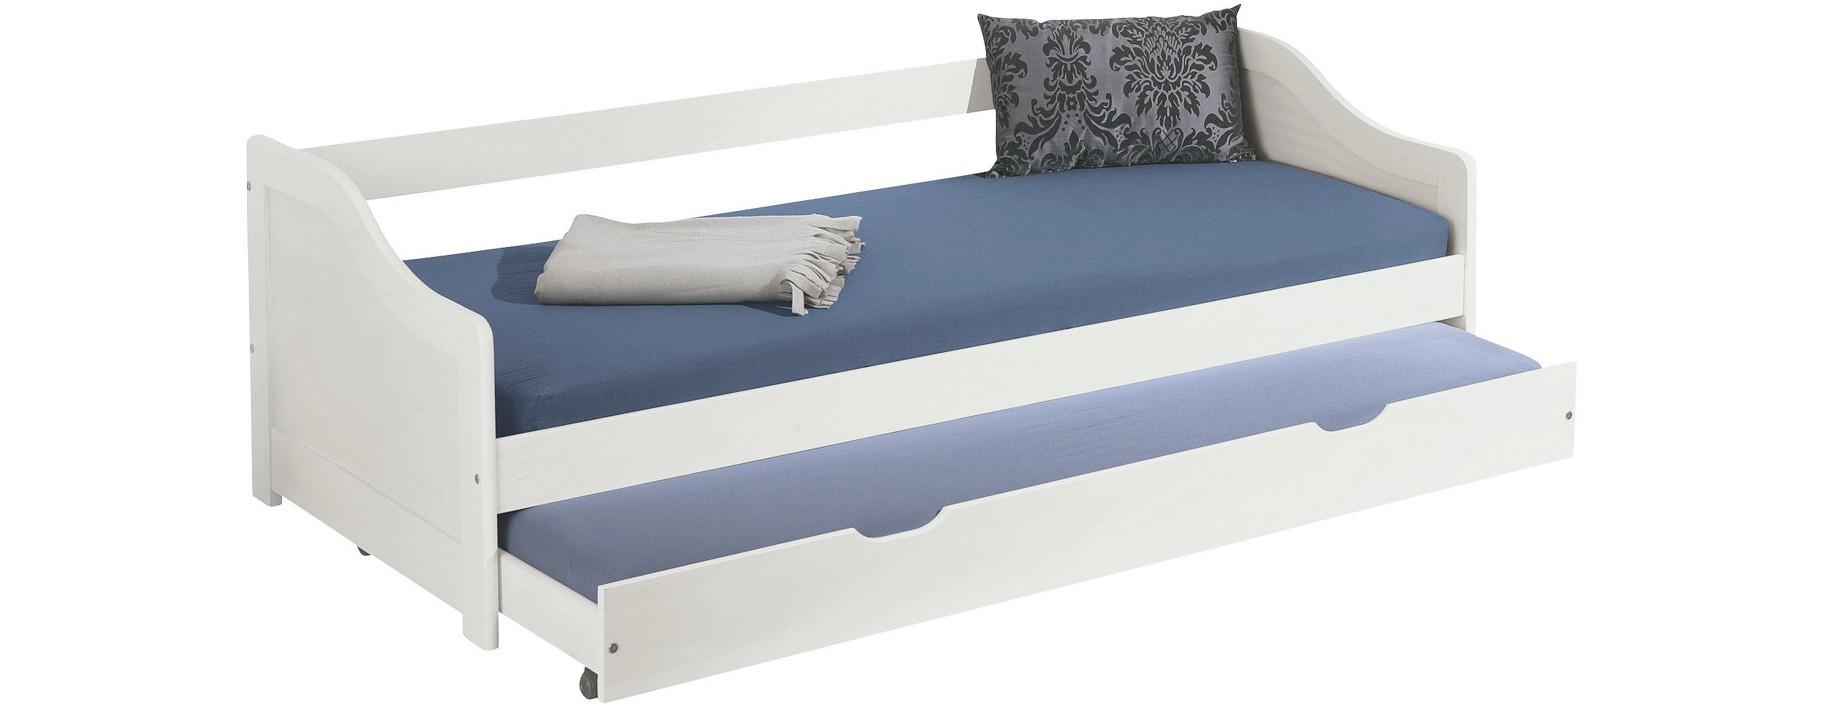 32 vorteilsgutscheine von m max ersparnisse bis 66 in filialen 19 online gutscheincode. Black Bedroom Furniture Sets. Home Design Ideas